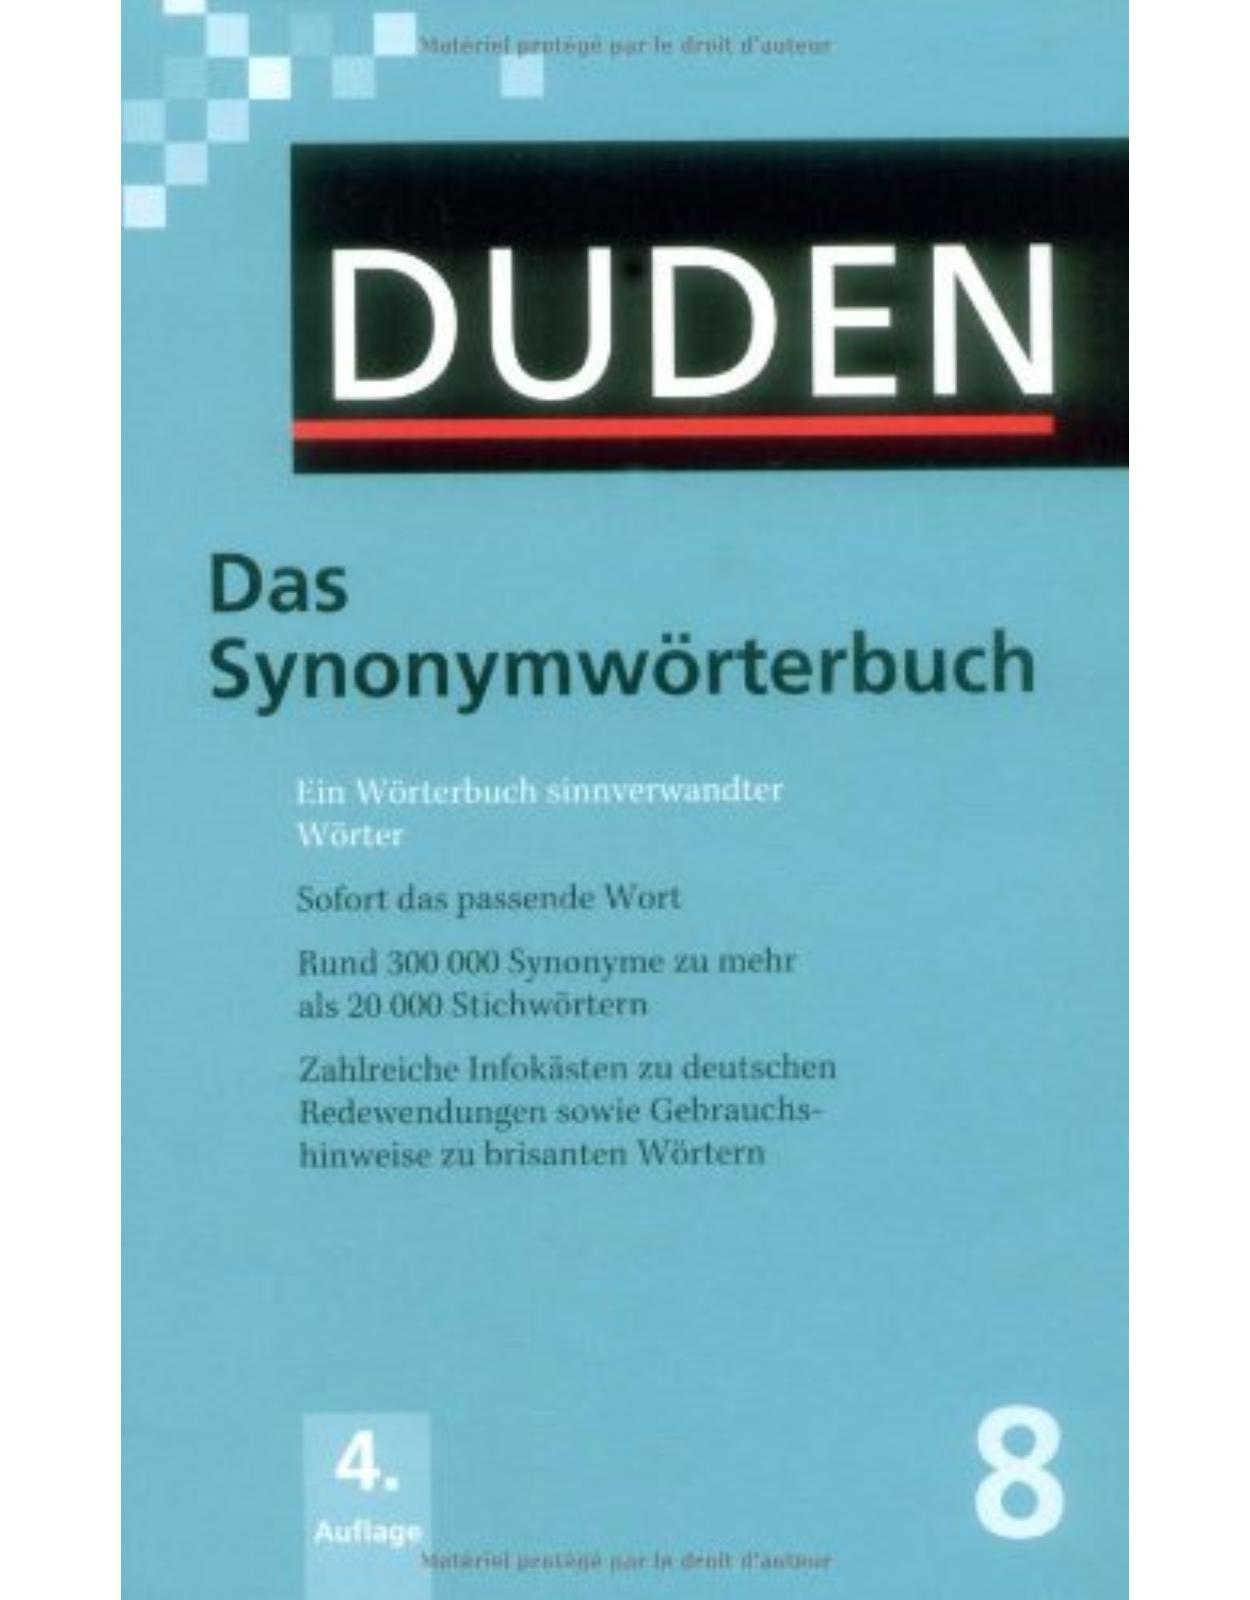 Der Duden in 12 Bänden - Band 8 : Das Synonymwörterbuch + CD